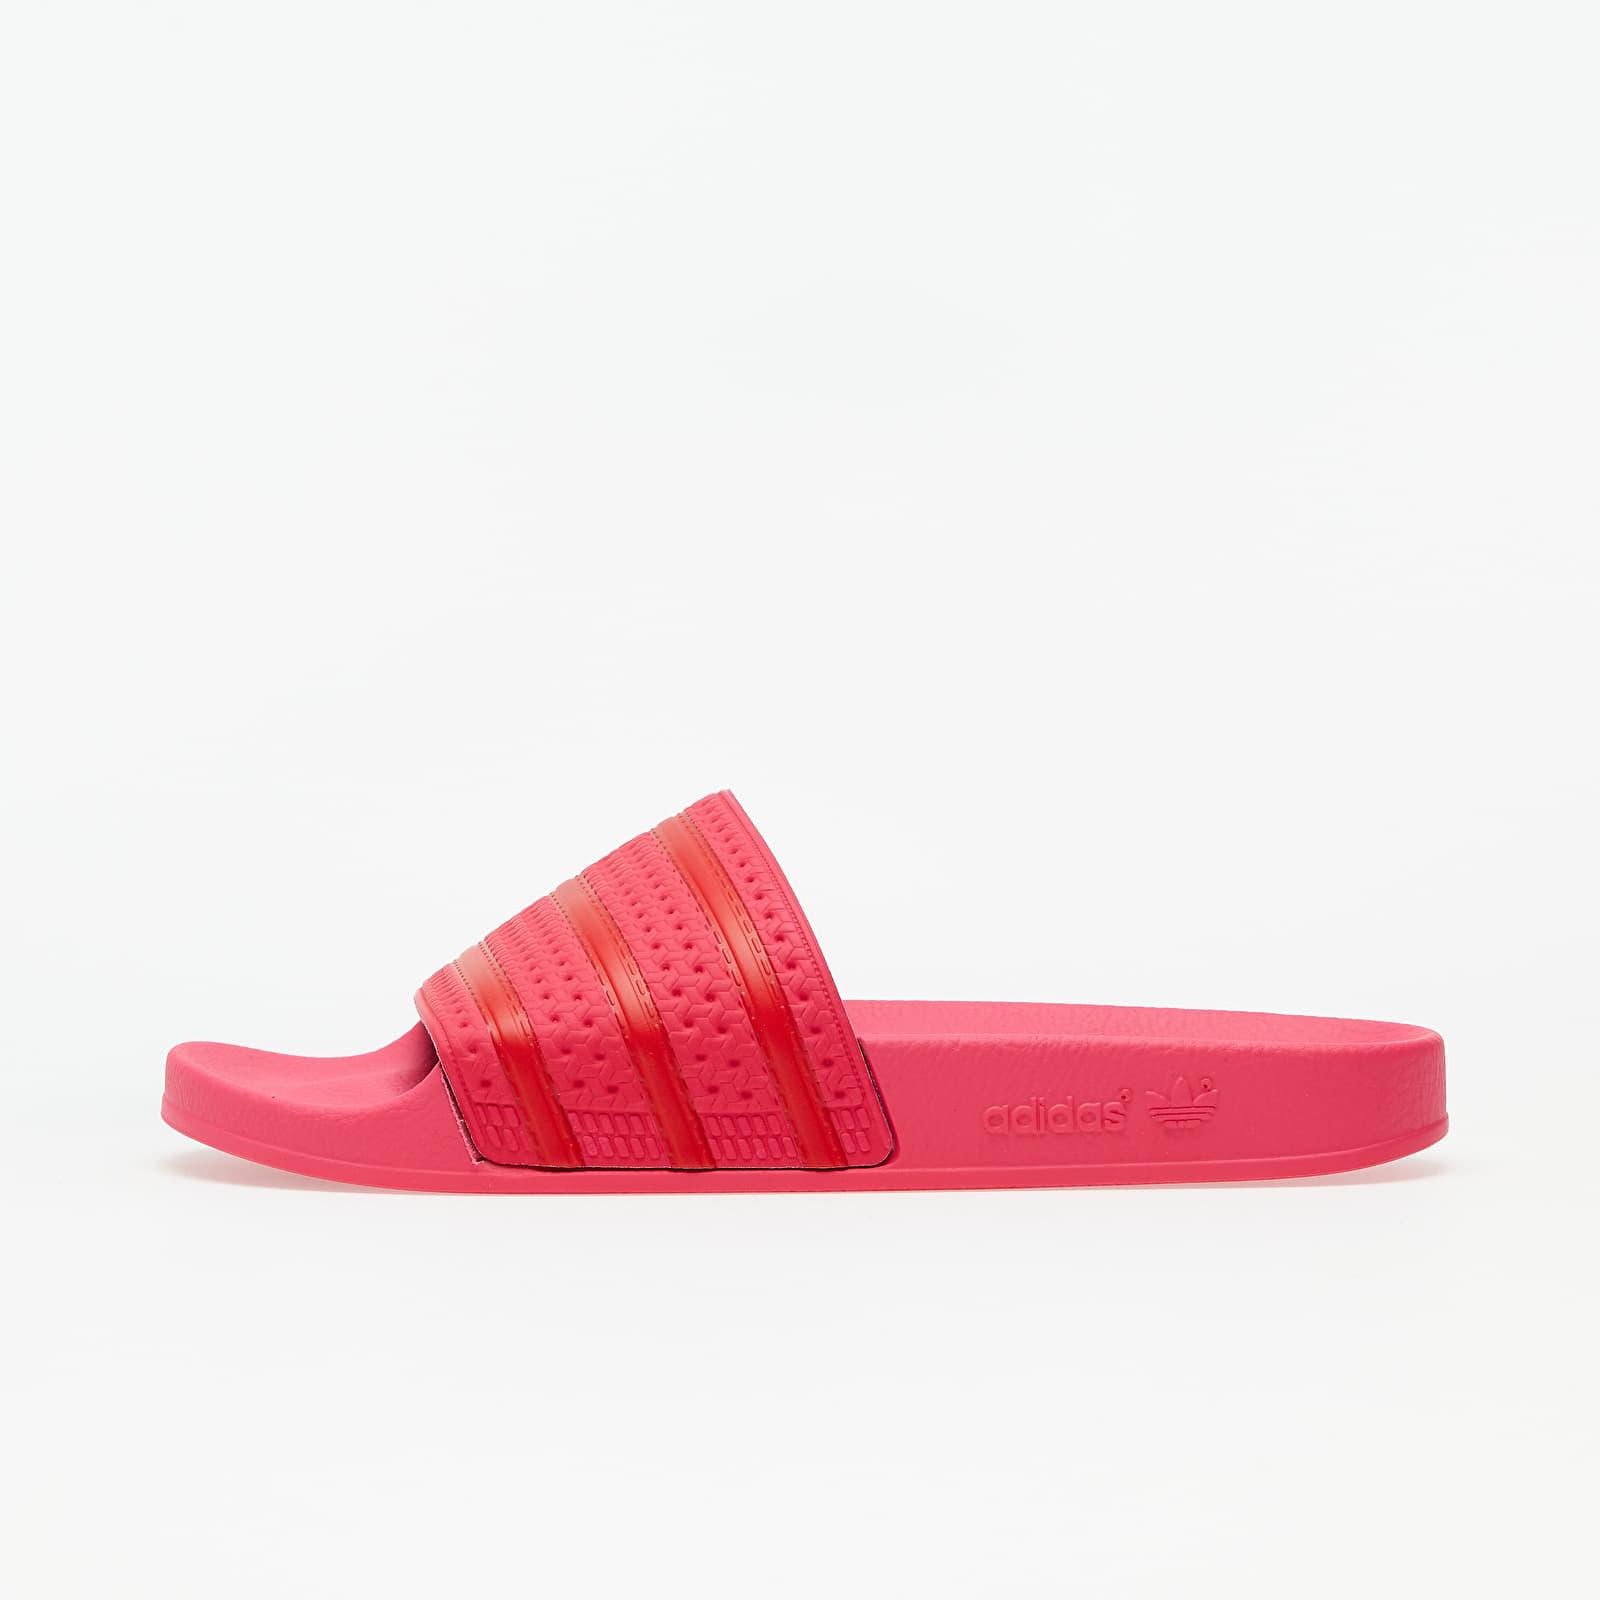 Женская обувь adidas Adilette W Power Pink/ Scarlet/ Power Pink